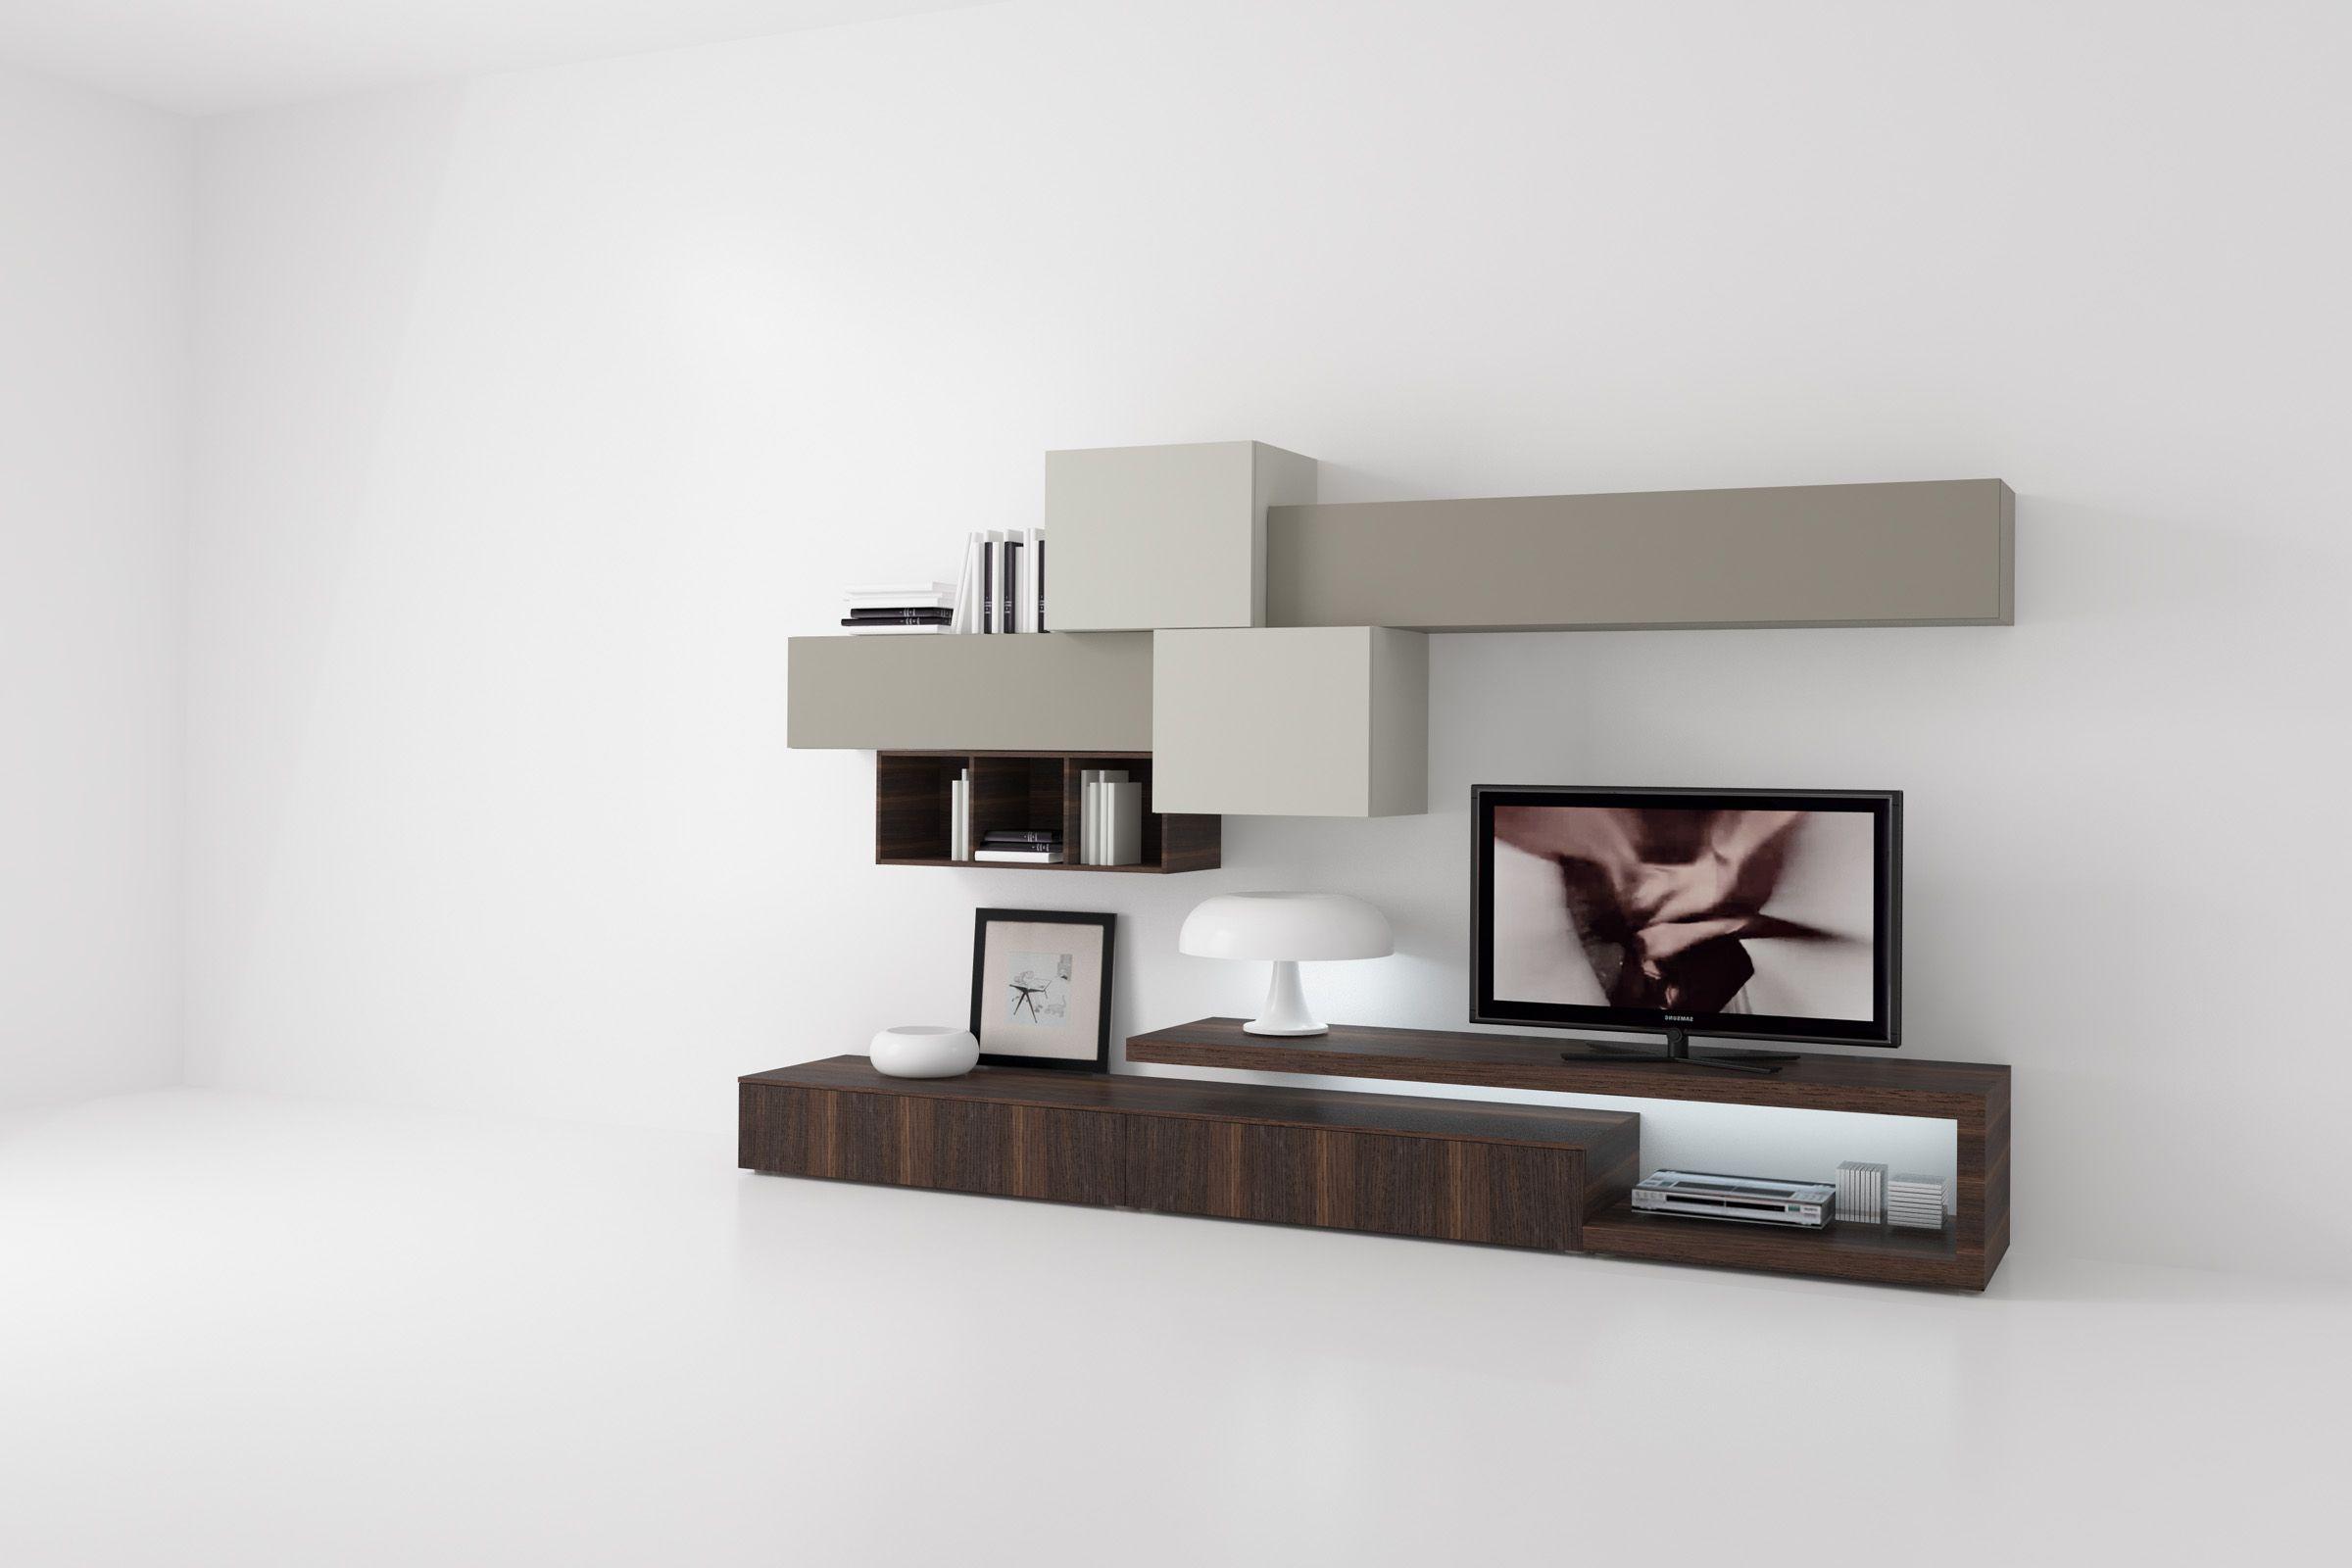 Soggiorno componibile moderno SG18   For the Home - Interiors ...